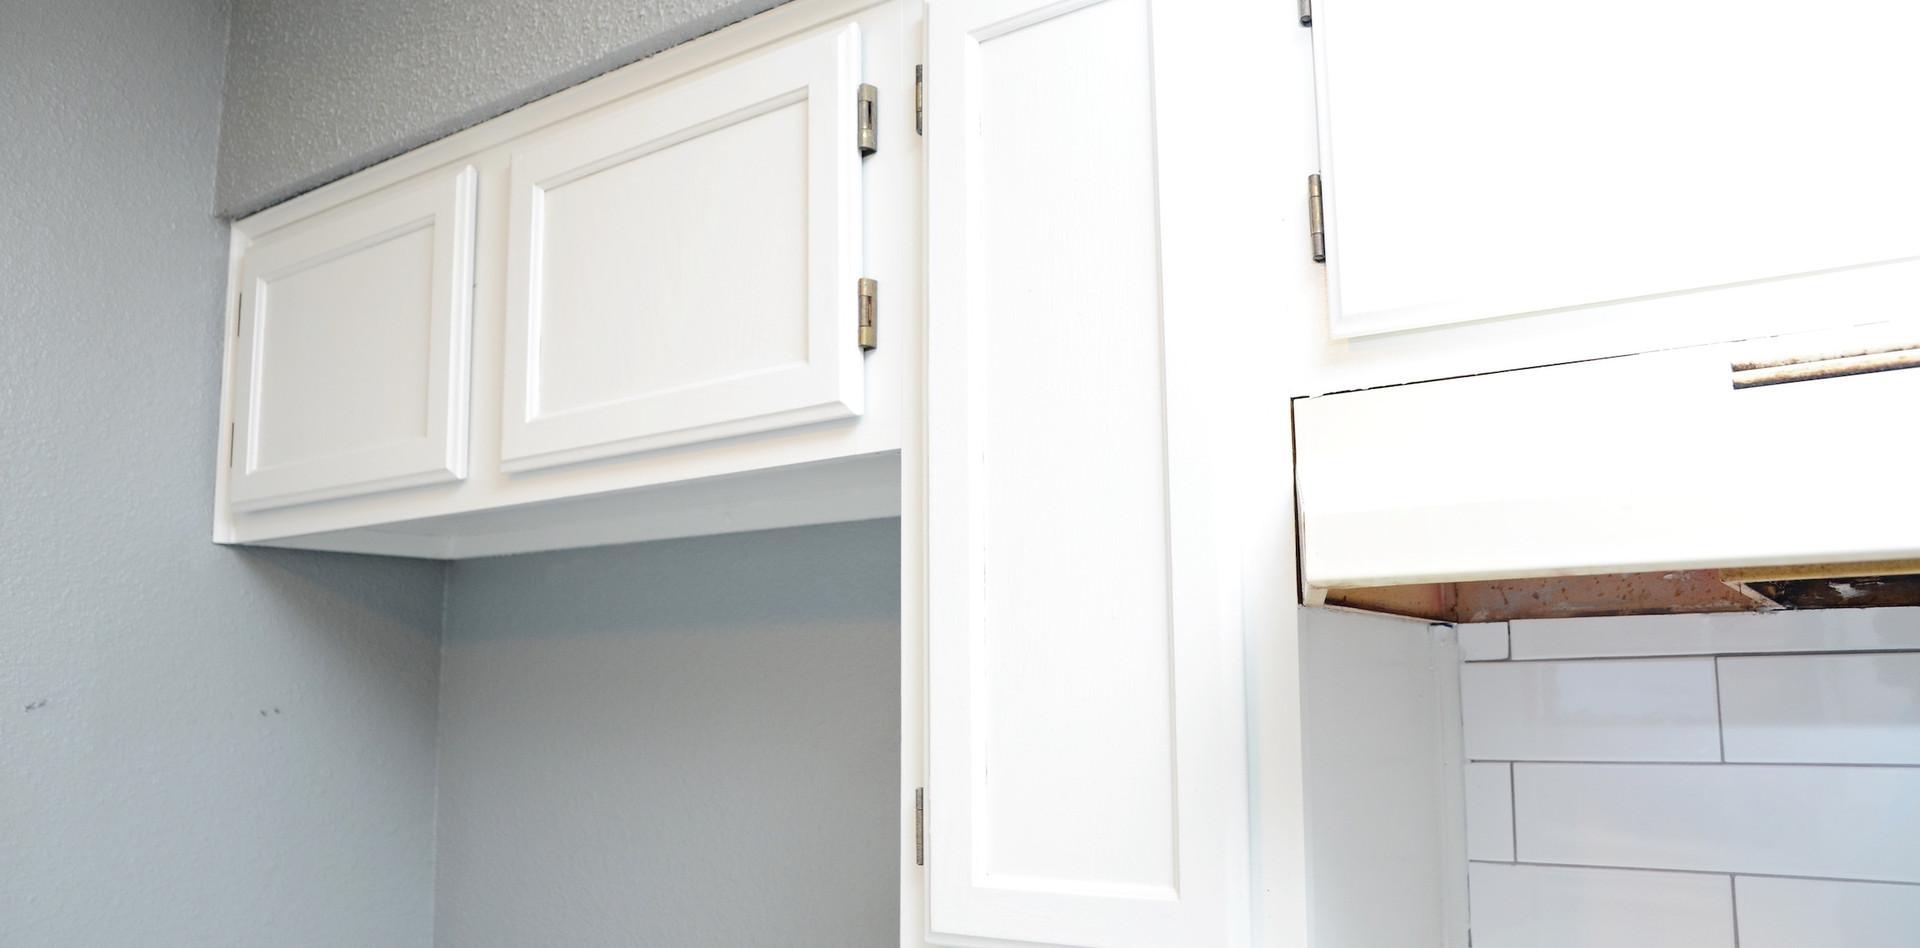 kitchen_cabinets.JPG